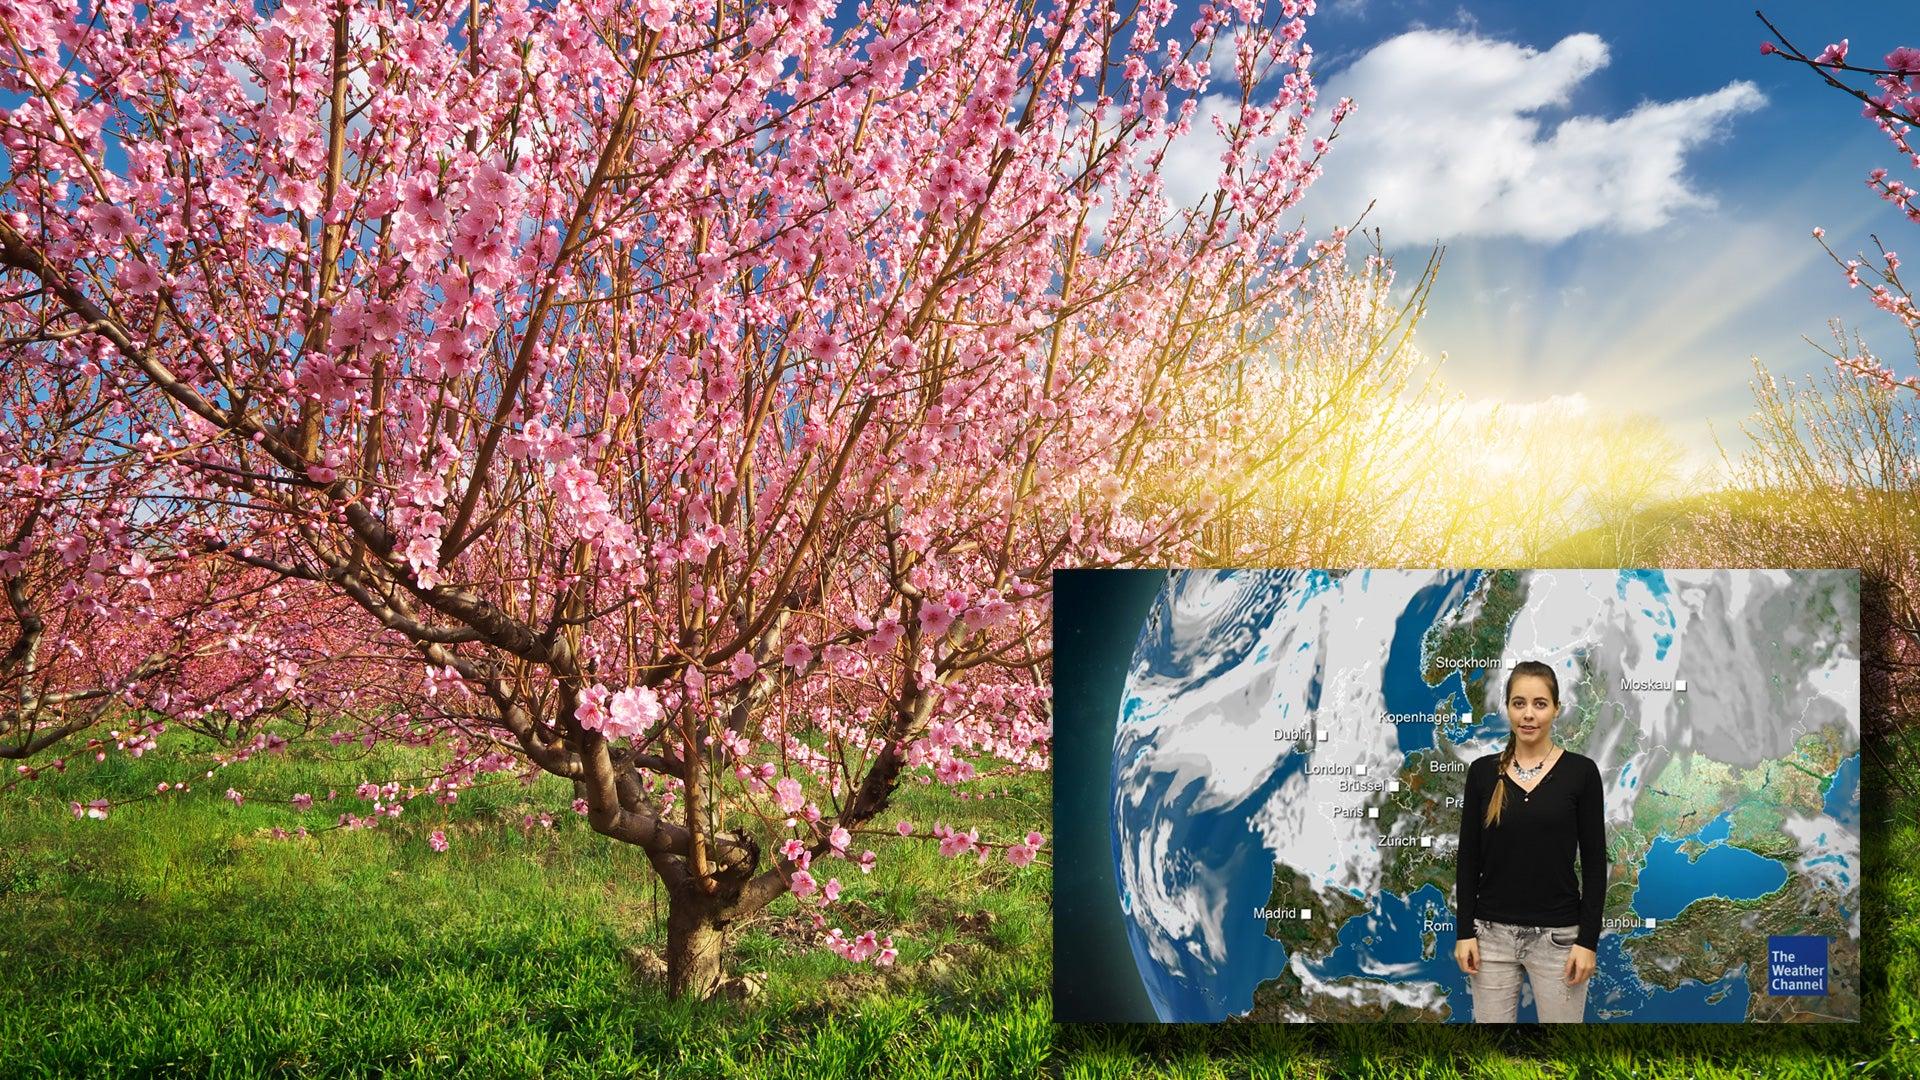 Zum Frühlingsanfang kommt sonniges Wetter - aber nicht überall